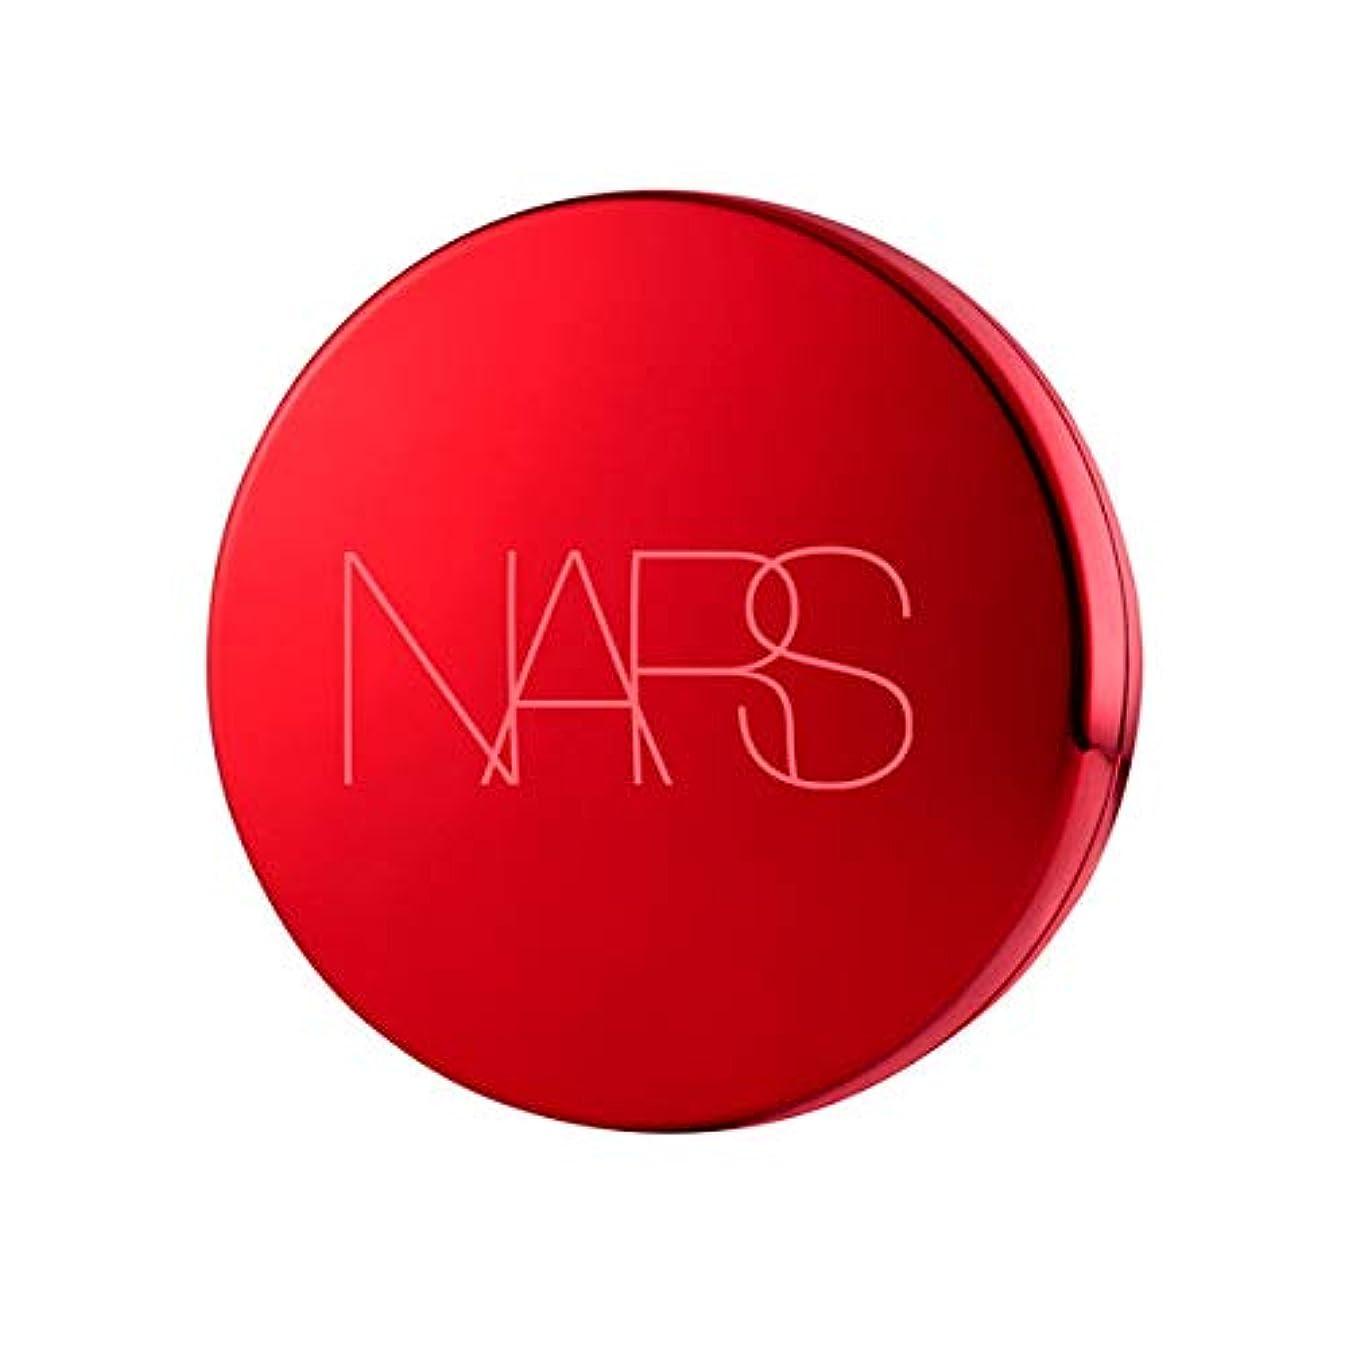 制限するライセンス従う【NARS(ナーズ)】 アクアティックグロー クッションコンパクト スペシャルエディションケース